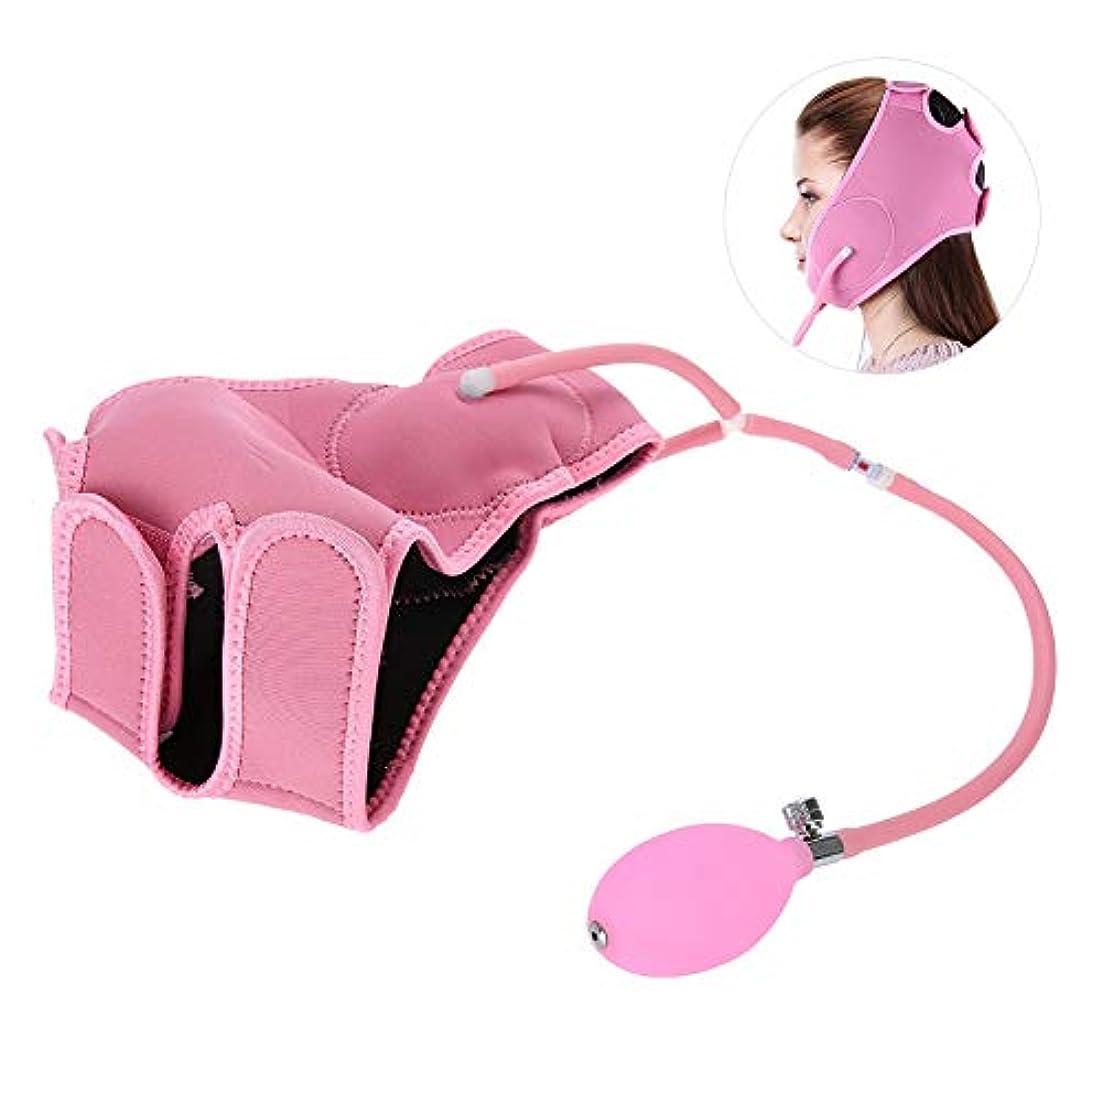 抵抗力がある含むさておきエアバッグ、美顔術および細くおよび顔の持ち上がることのための是正包帯が付いている顔の修正マスク